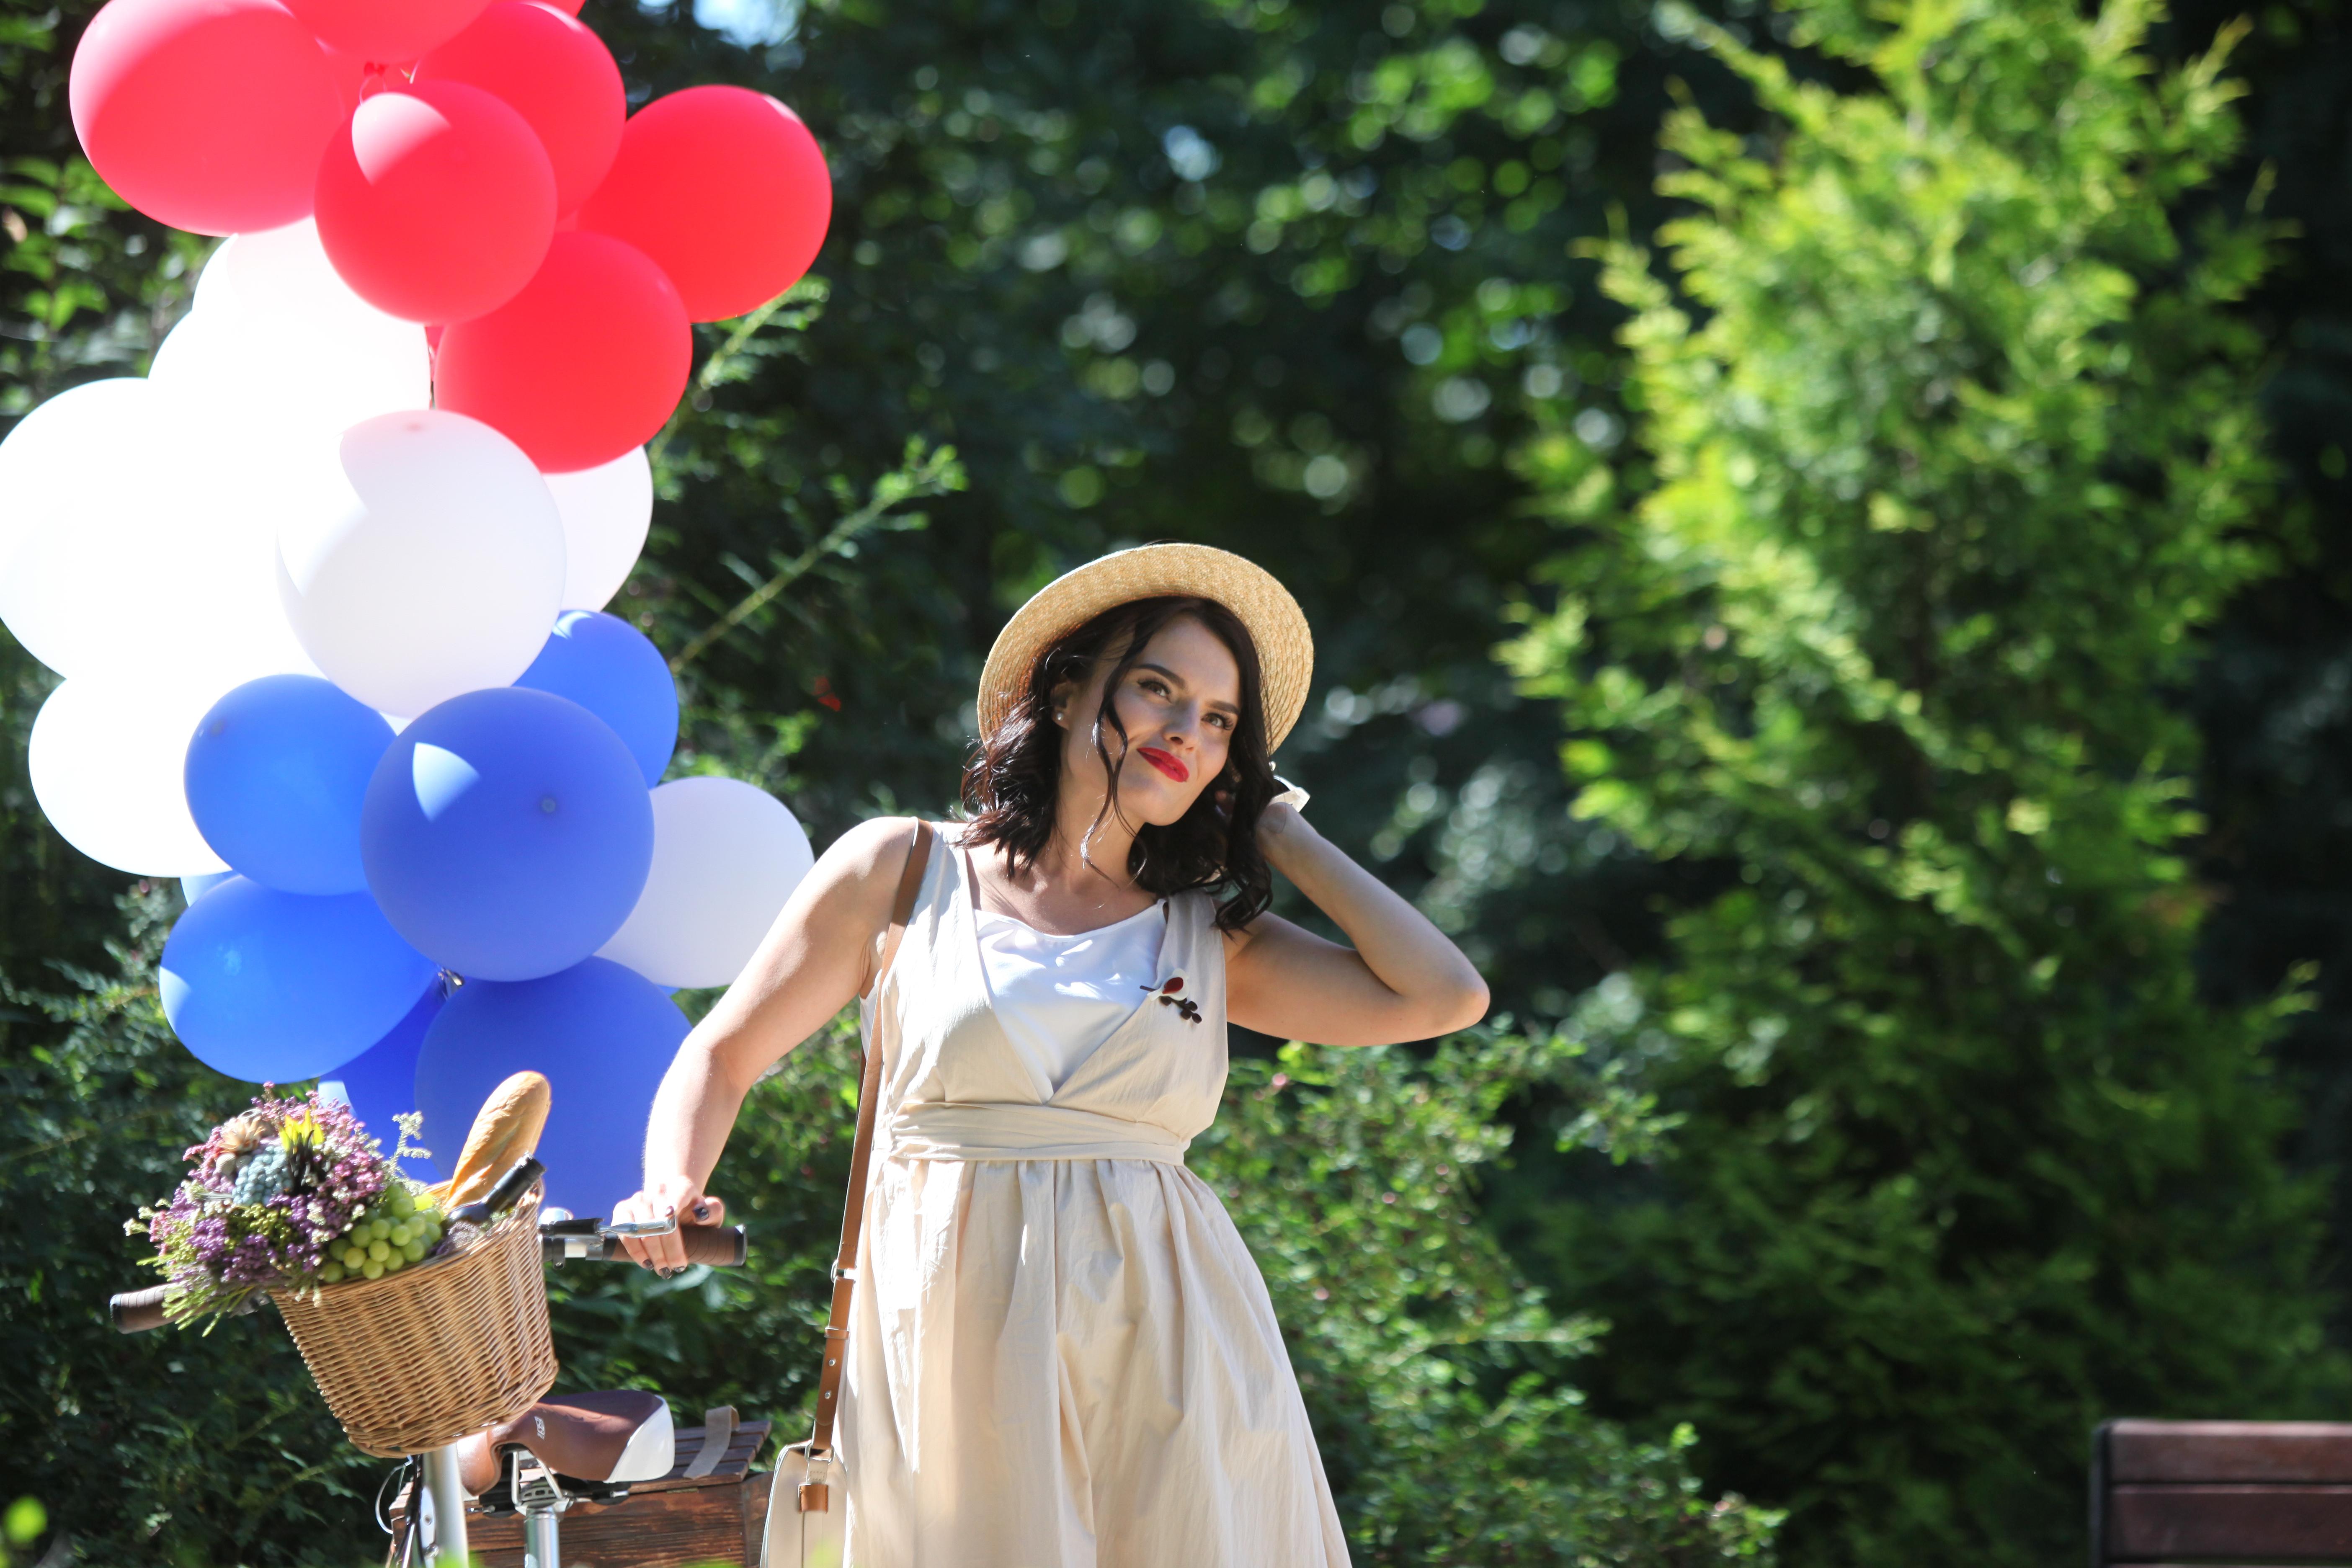 Участница велопарада в Сокольниках леди на велосипеде в воздушными шариками